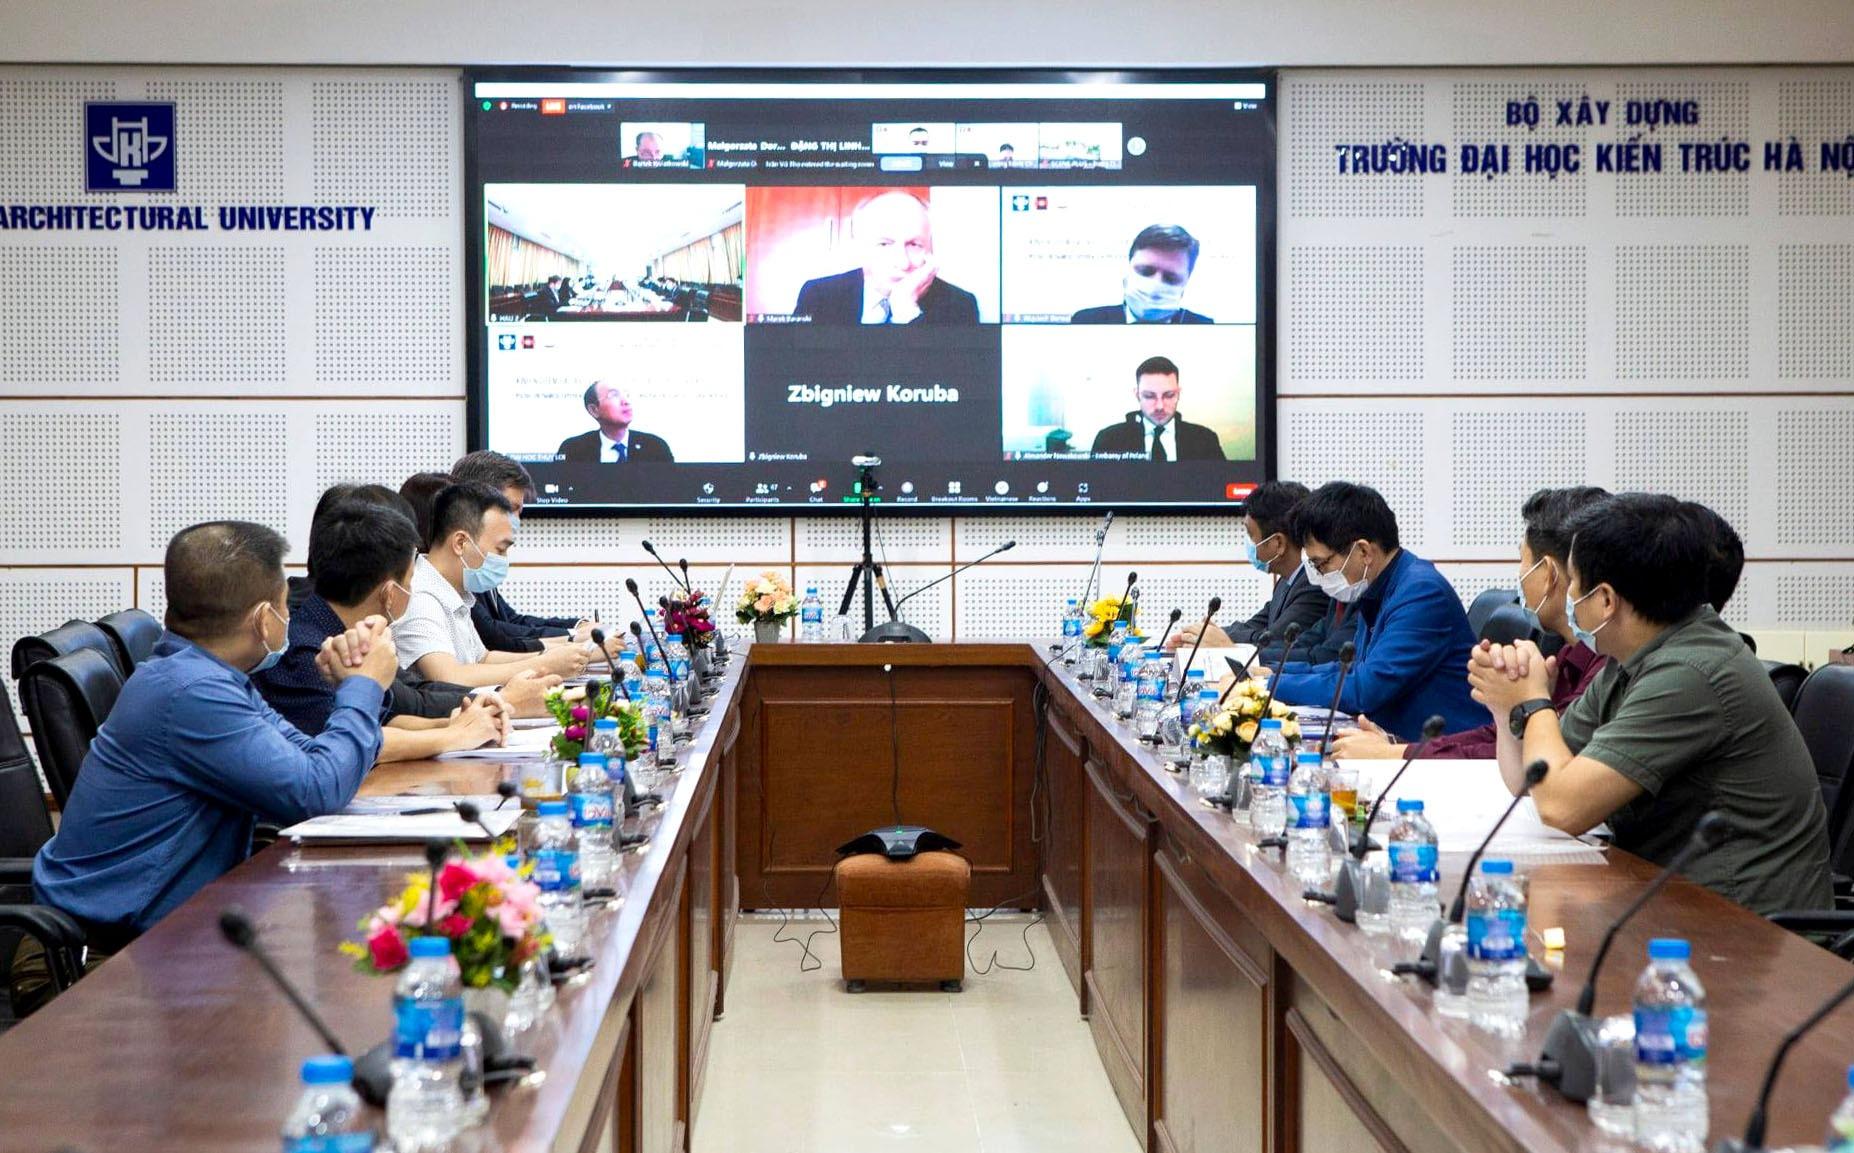 """Thứ trưởng Hoàng Đạo Cương khai mạc Hội thảo Khoa học quốc tế """"Kinh nghiệm Việt Nam-Ba Lan trong bảo quản hiện vật và bảo tồn di sản kiến trúc"""""""